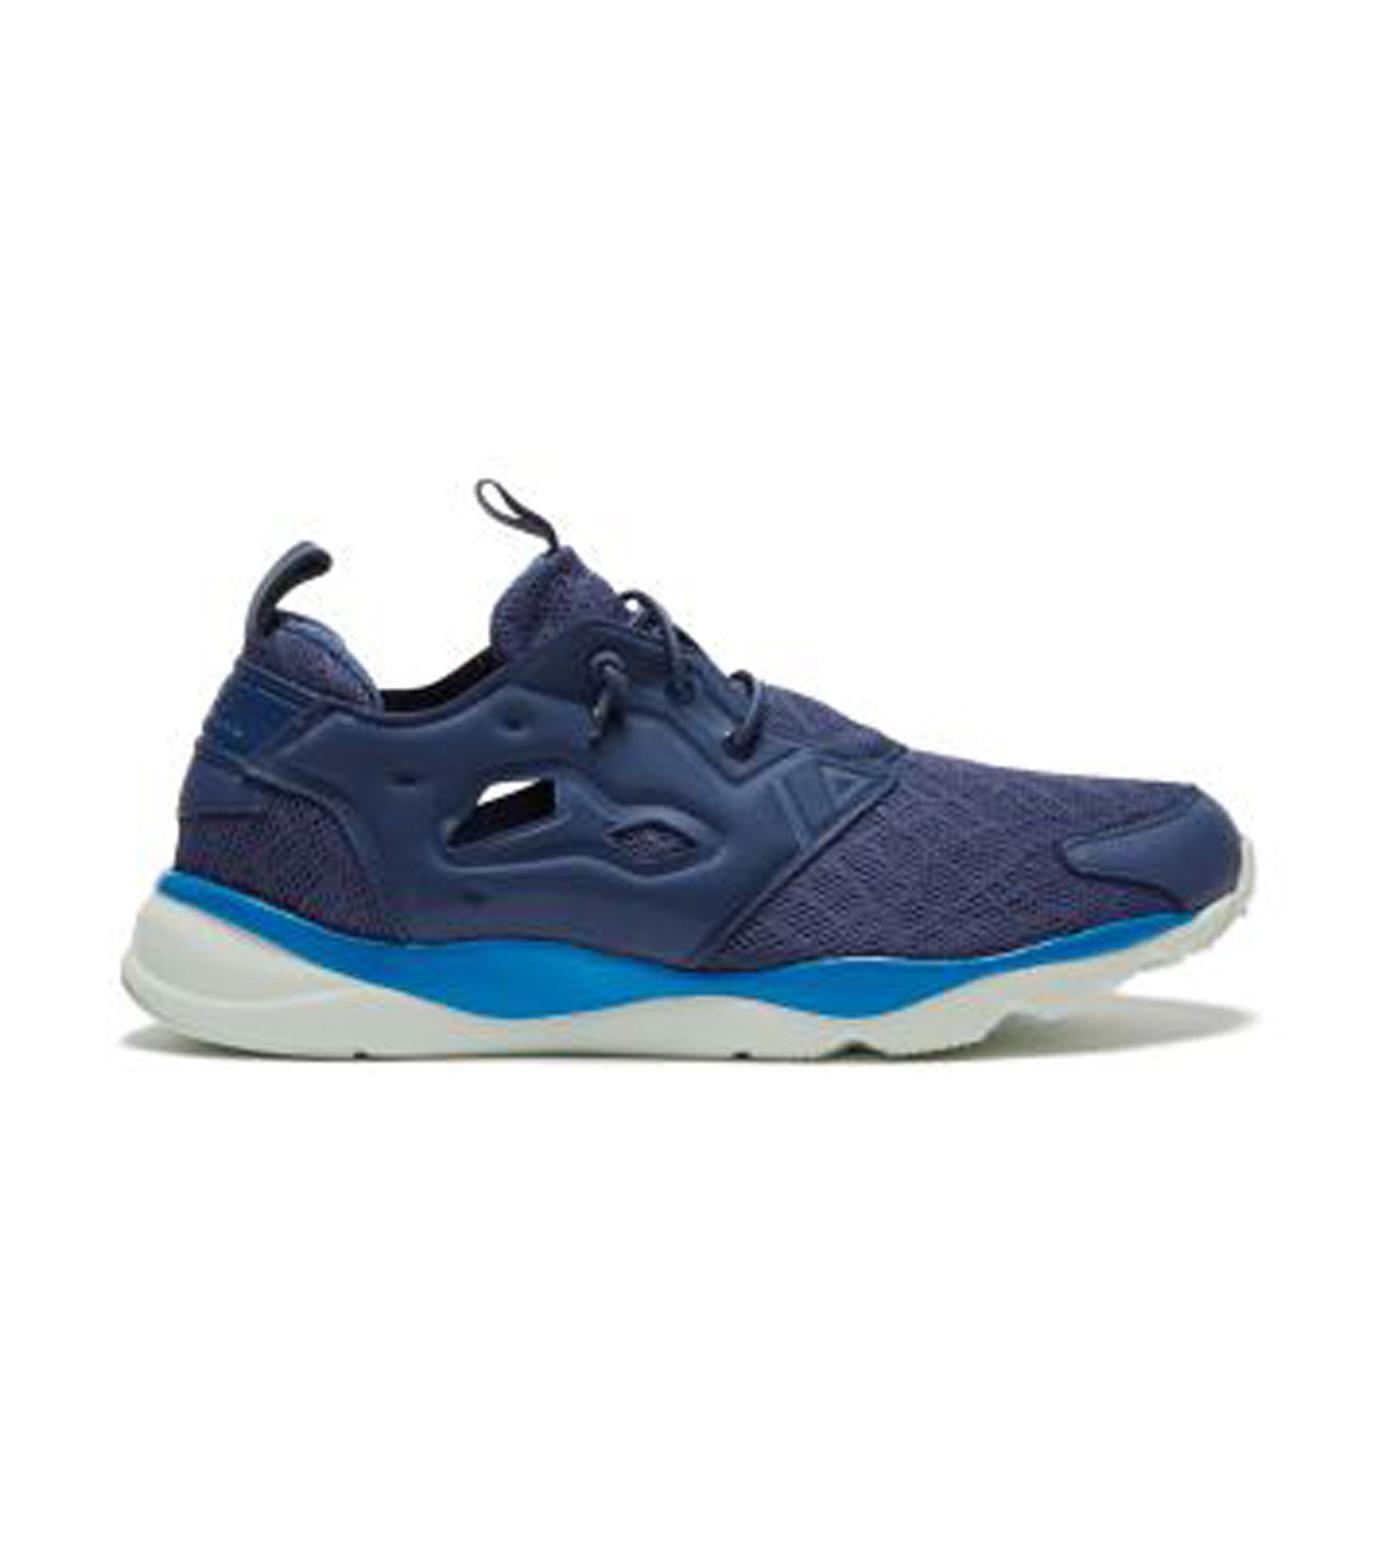 Reebok(リーボック)のFURYLITE TM-NAVY(シューズ/shoes)-V67731-93 拡大詳細画像1